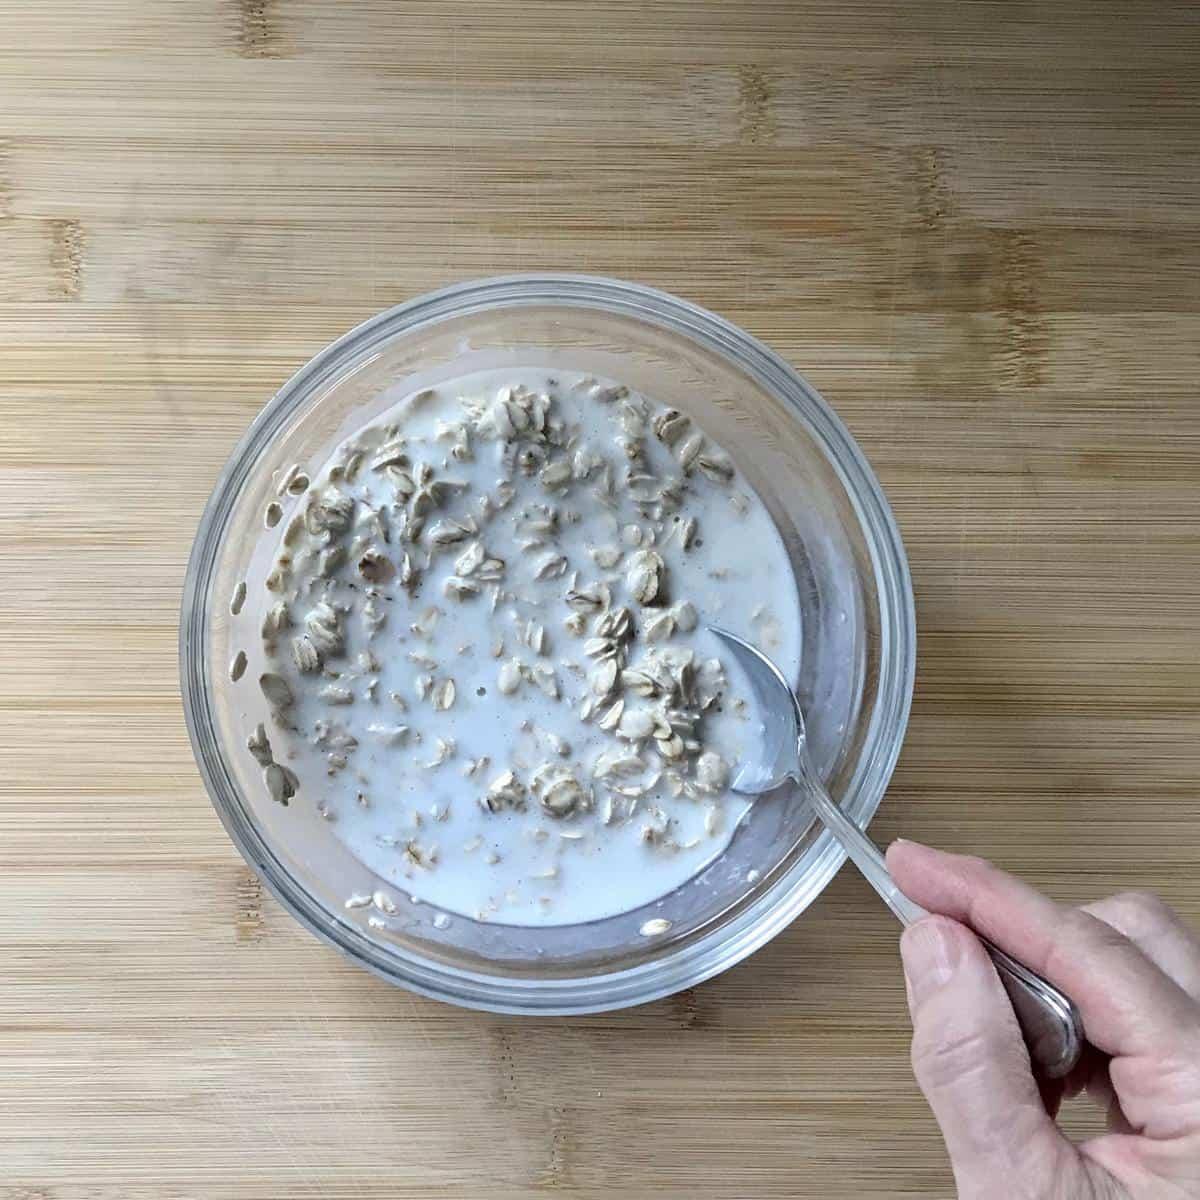 Oats soaking in buttermilk.